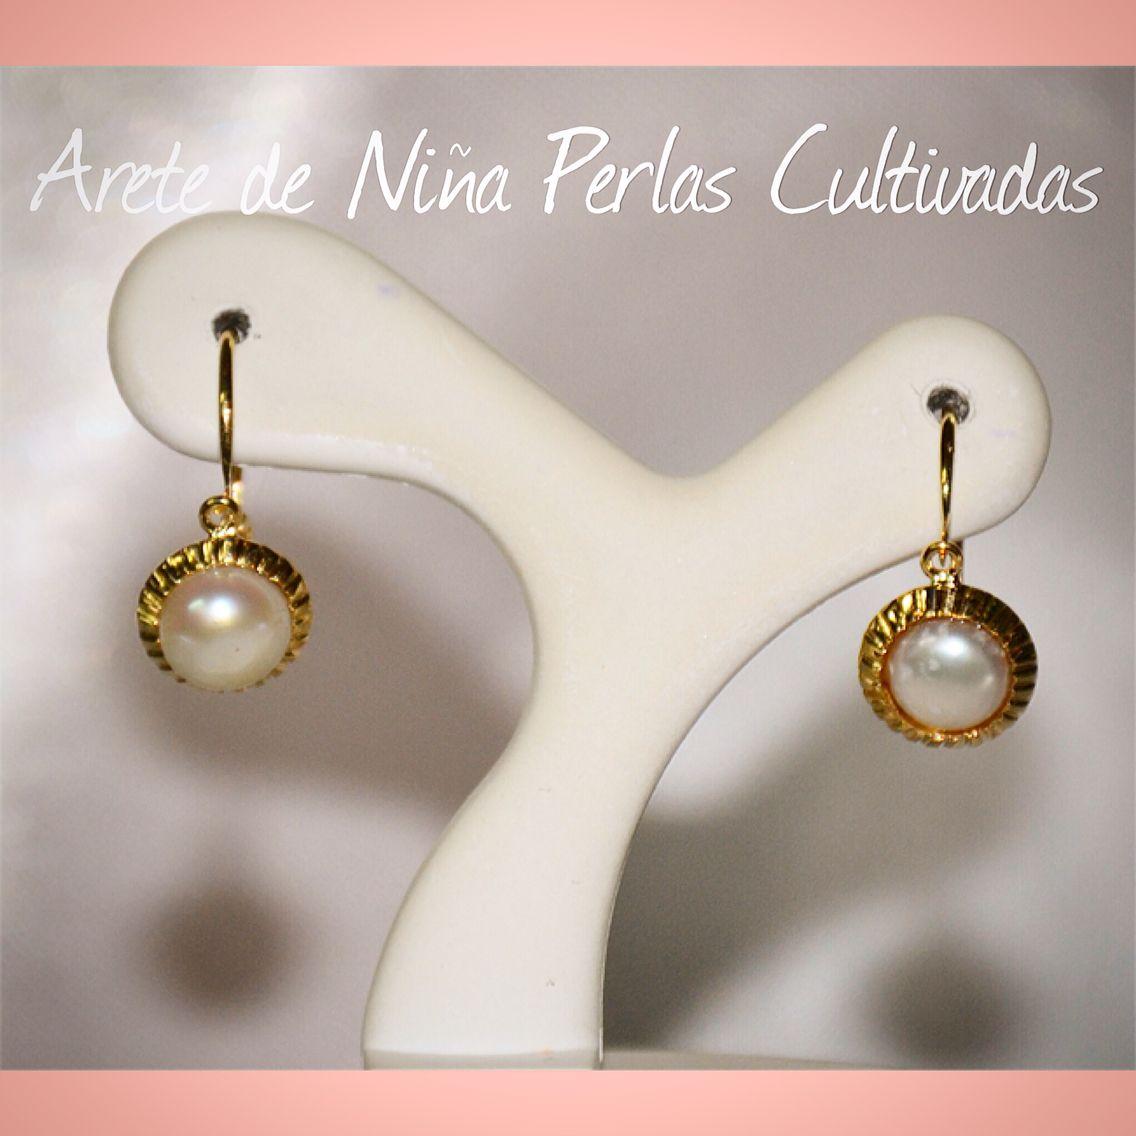 c372be9fc2e3 Aretes para niña elaborados en oro de 18 quilates con perlas cultivadas.  Aros De Oro